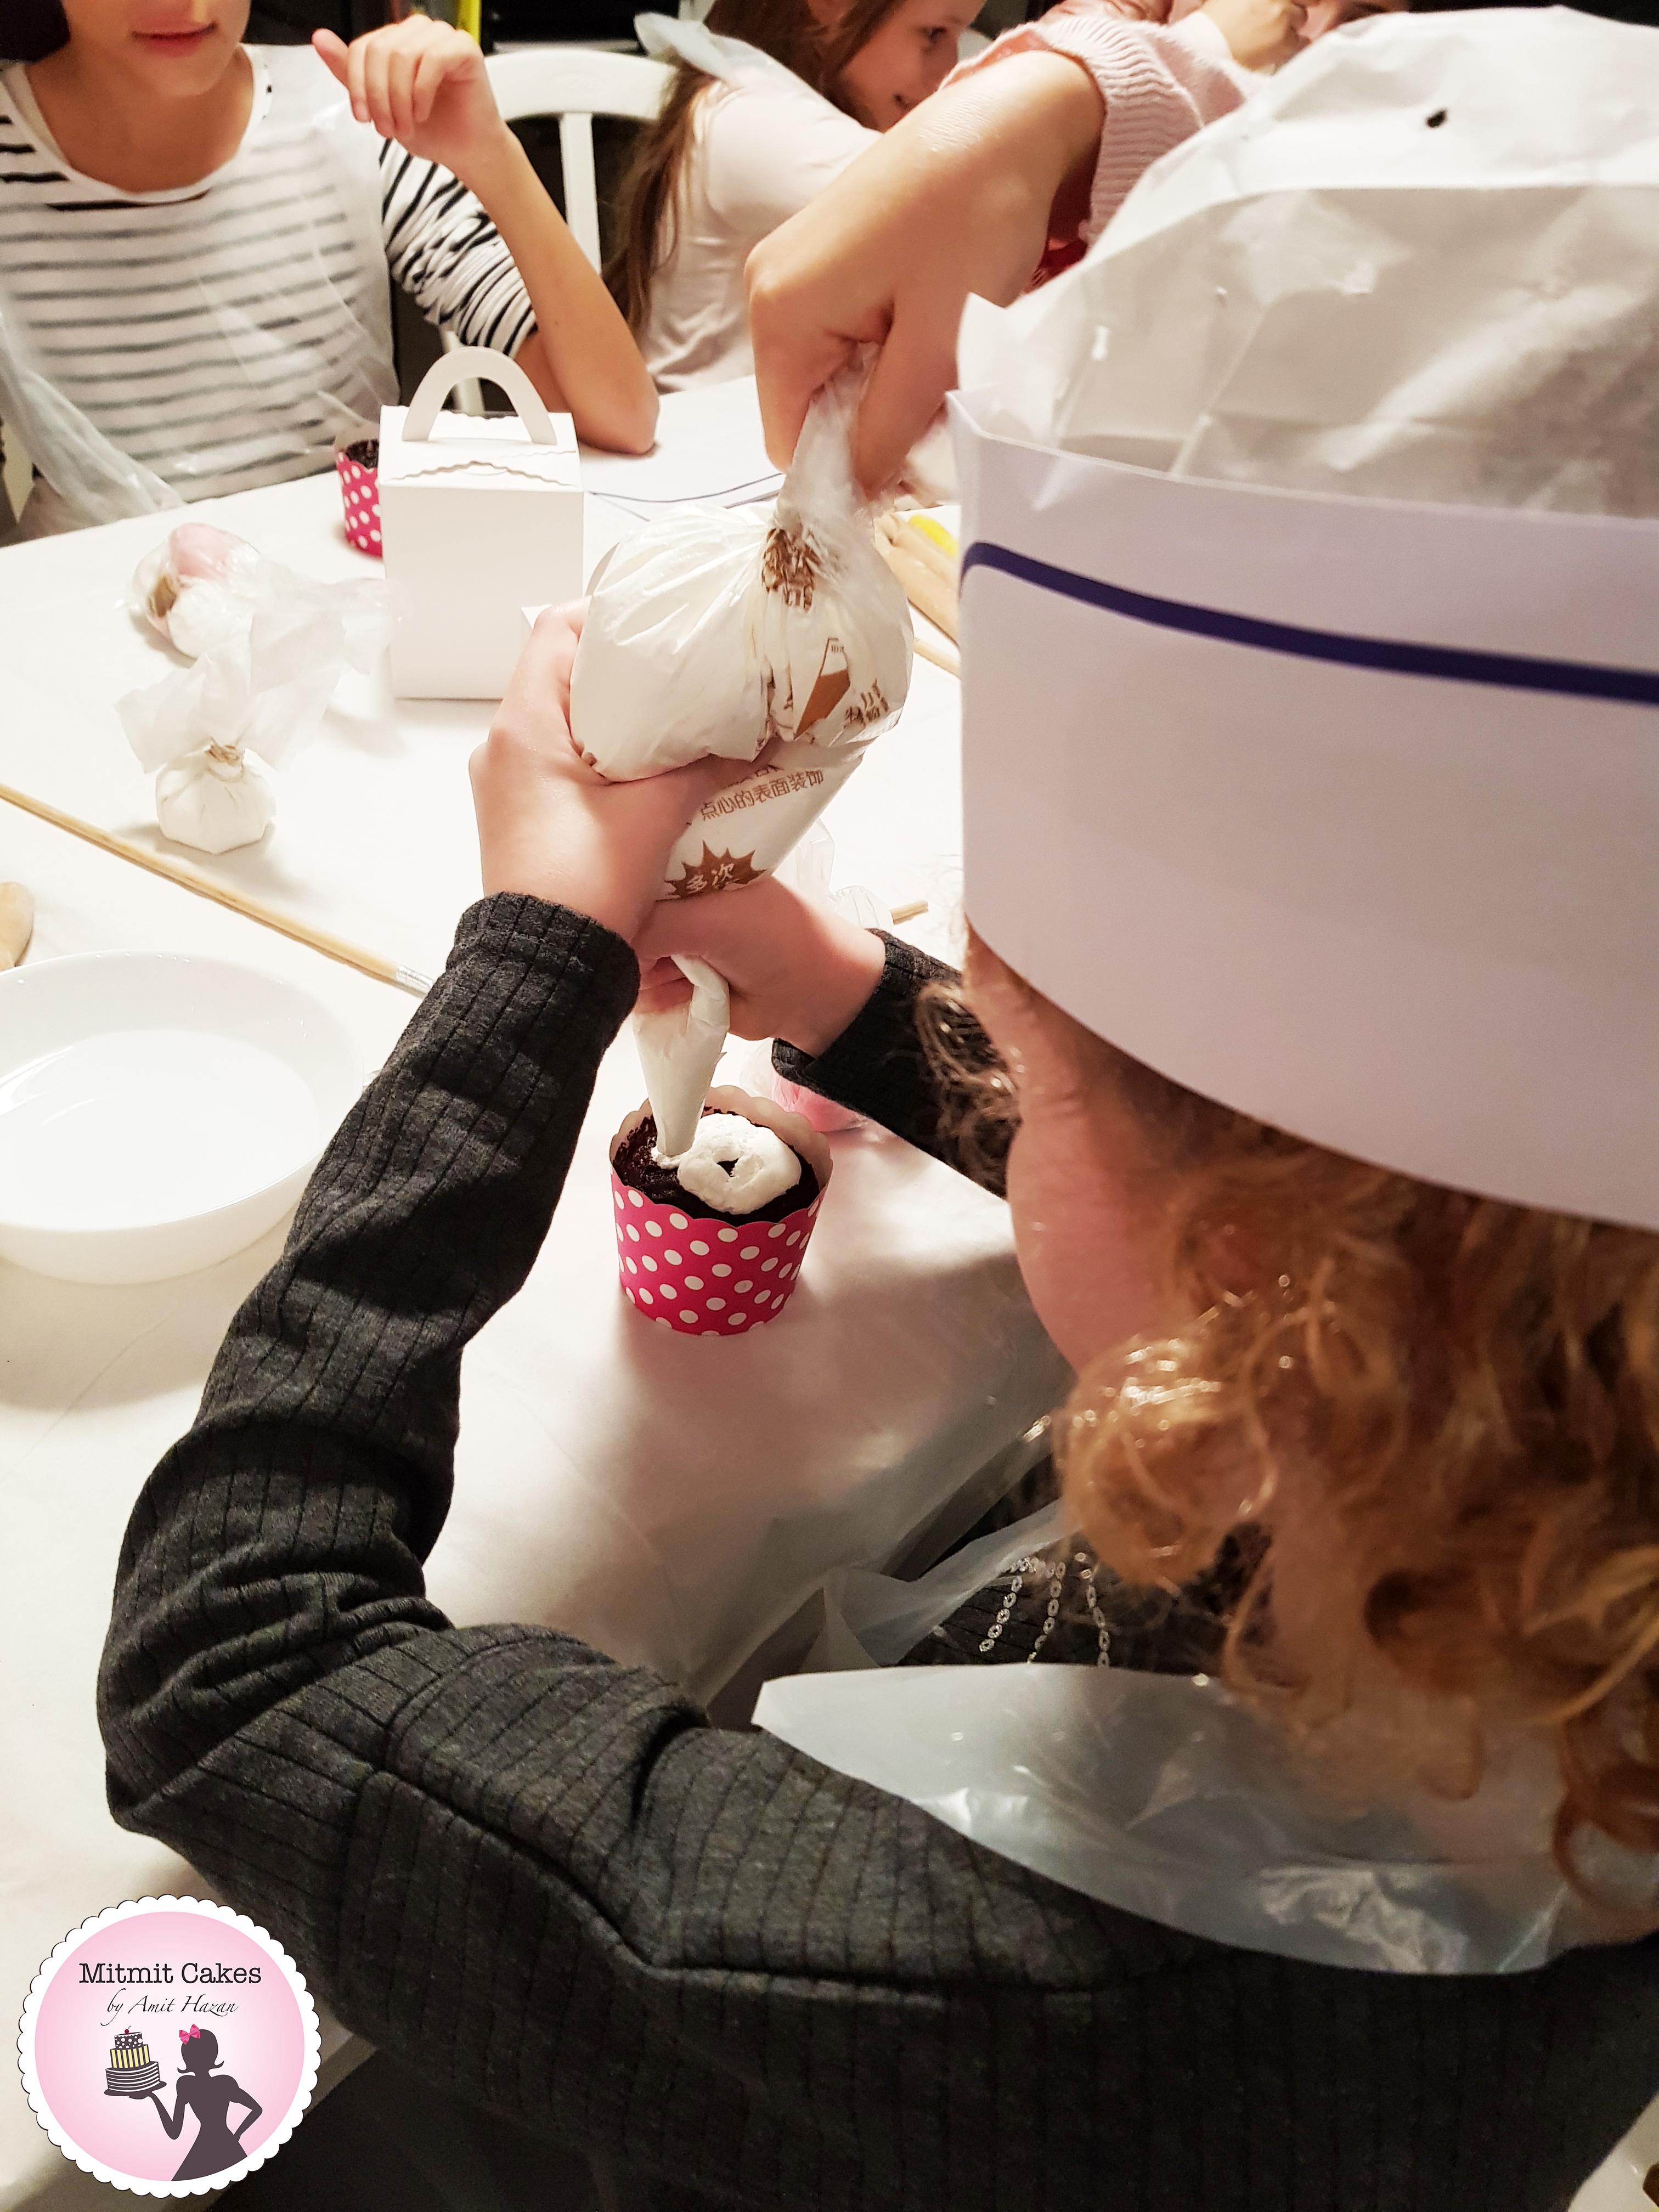 Mitmit Cakes סדנאות קאפקייקס